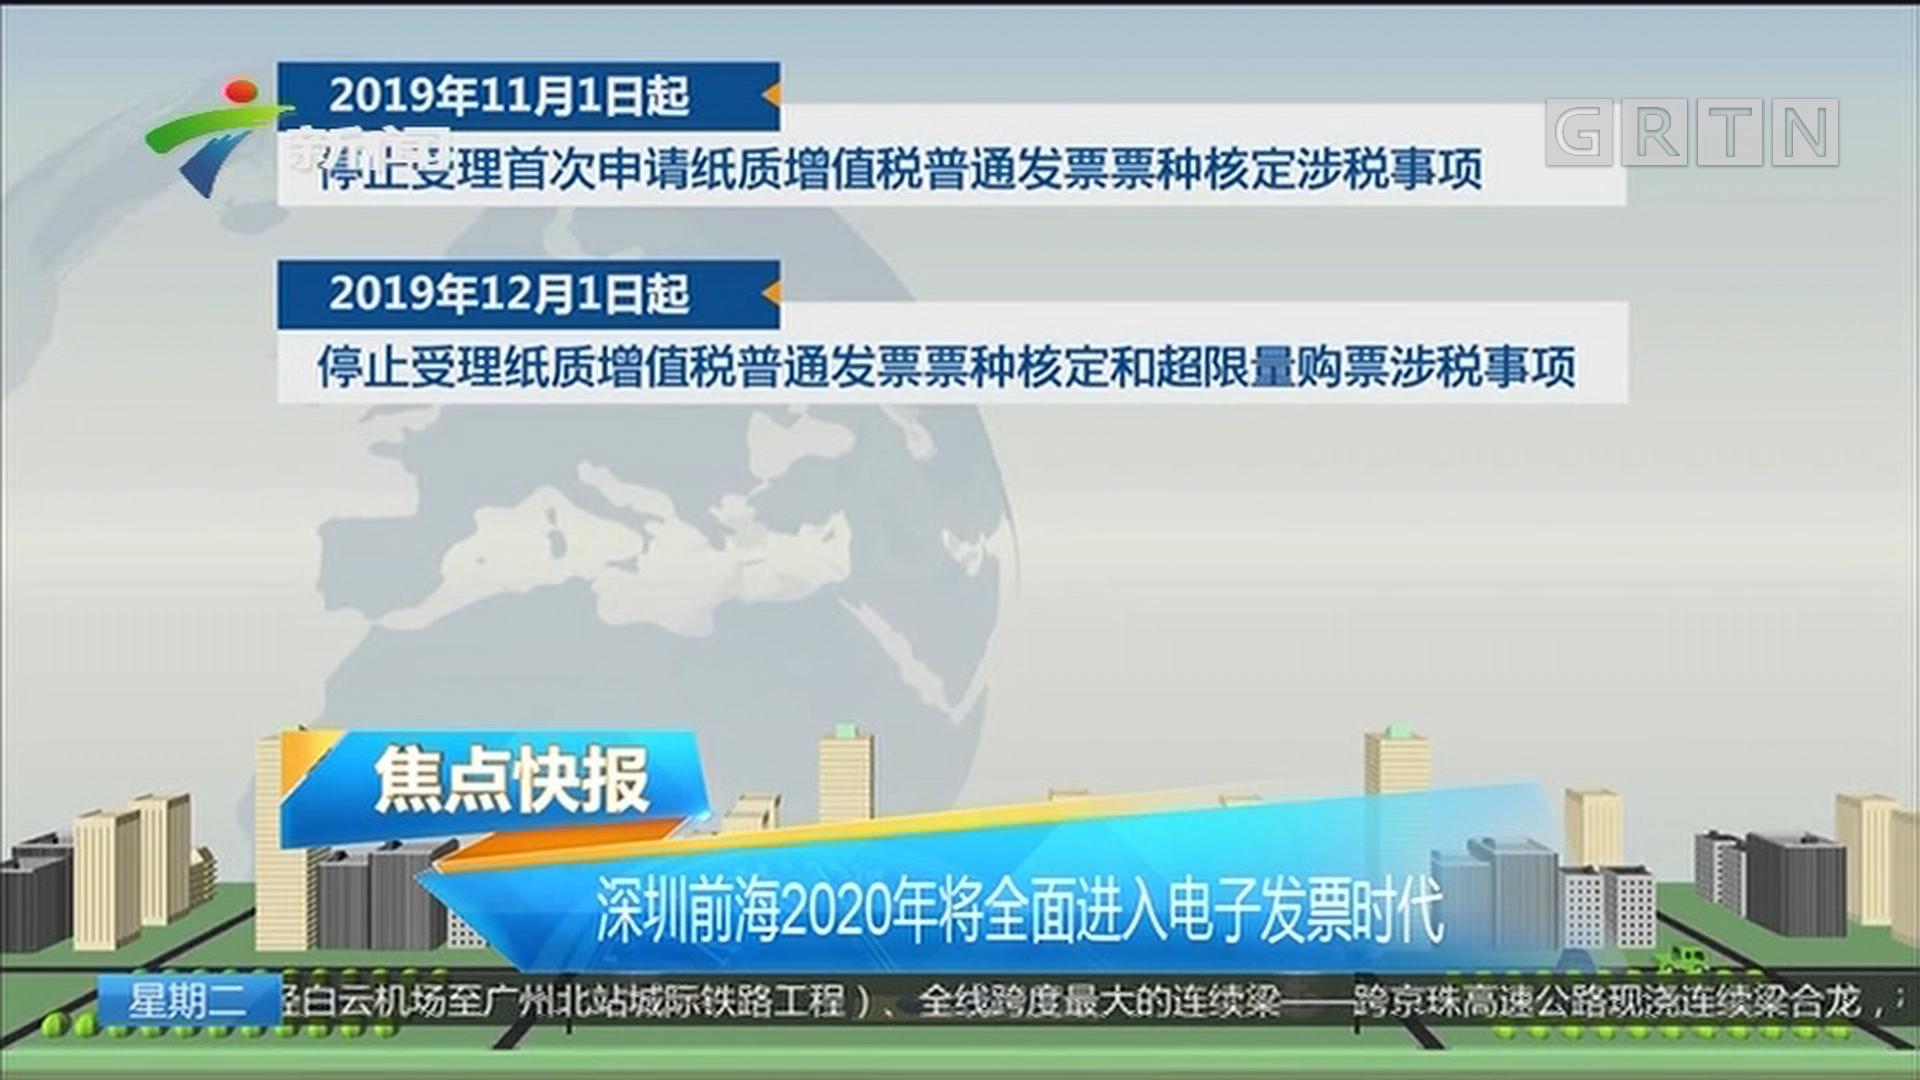 深圳前海2020年将全面进入电子发票时代